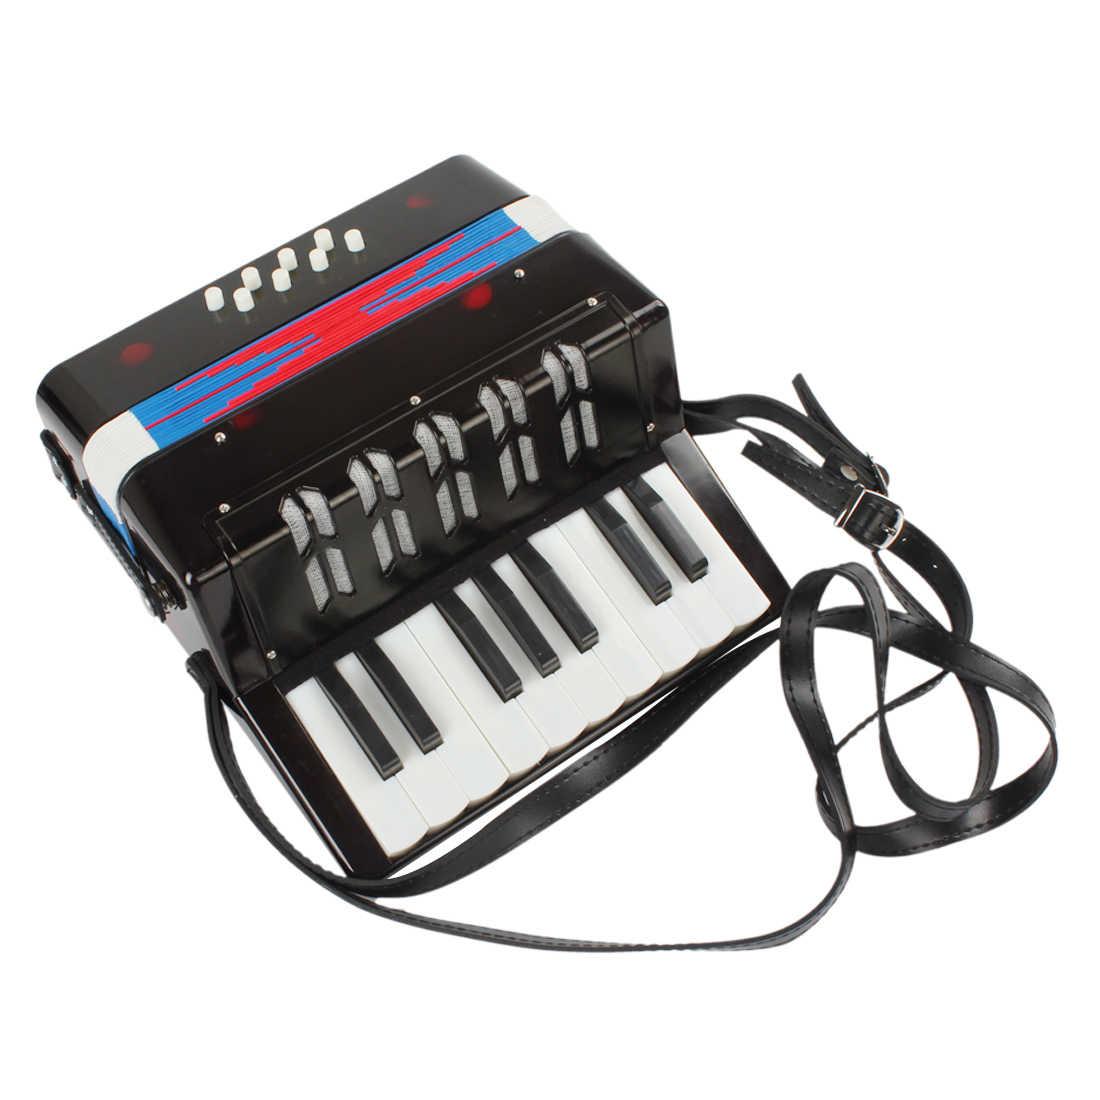 مصغرة 3 ألوان الخيار التعليمية آلة موسيقية 17-مفتاح 8 باس لعبة الأكورديون للأطفال الأطفال